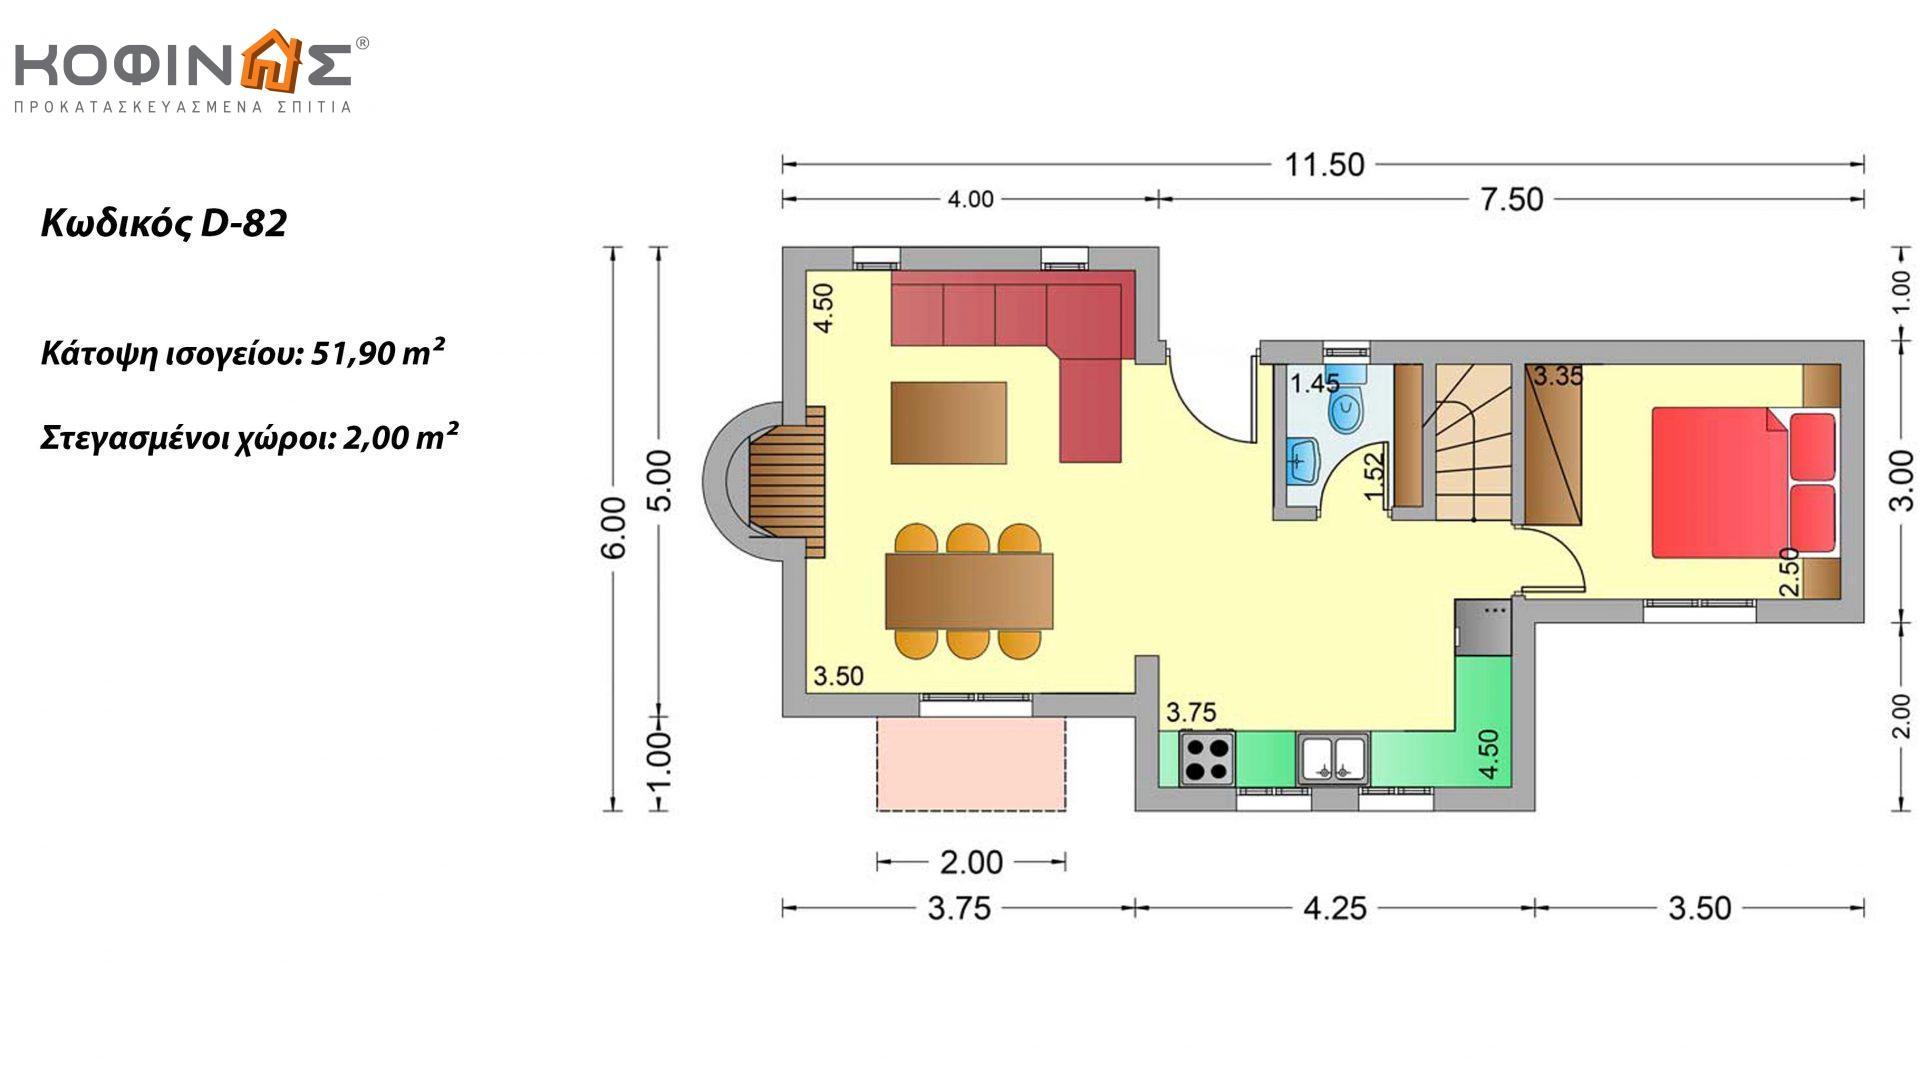 Διώροφη Κατοικία D-82, συνολικής επιφάνειας 82,30 τ.μ., συνολική επιφάνεια στεγασμένων χώρων 2,00 τ.μ., μπαλκόνια 22,70 τ.μ.